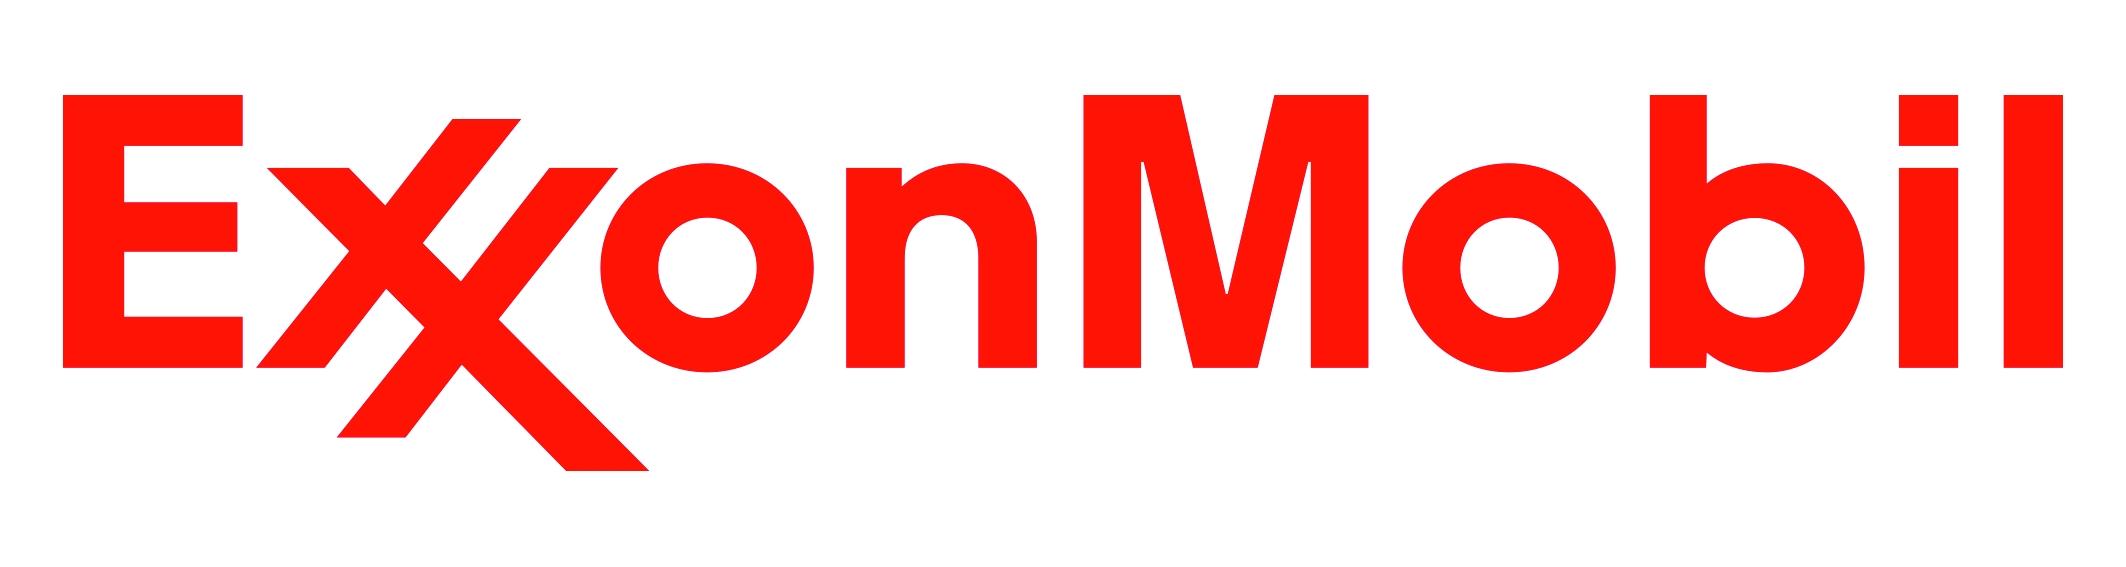 Exxon_Mobil_4c